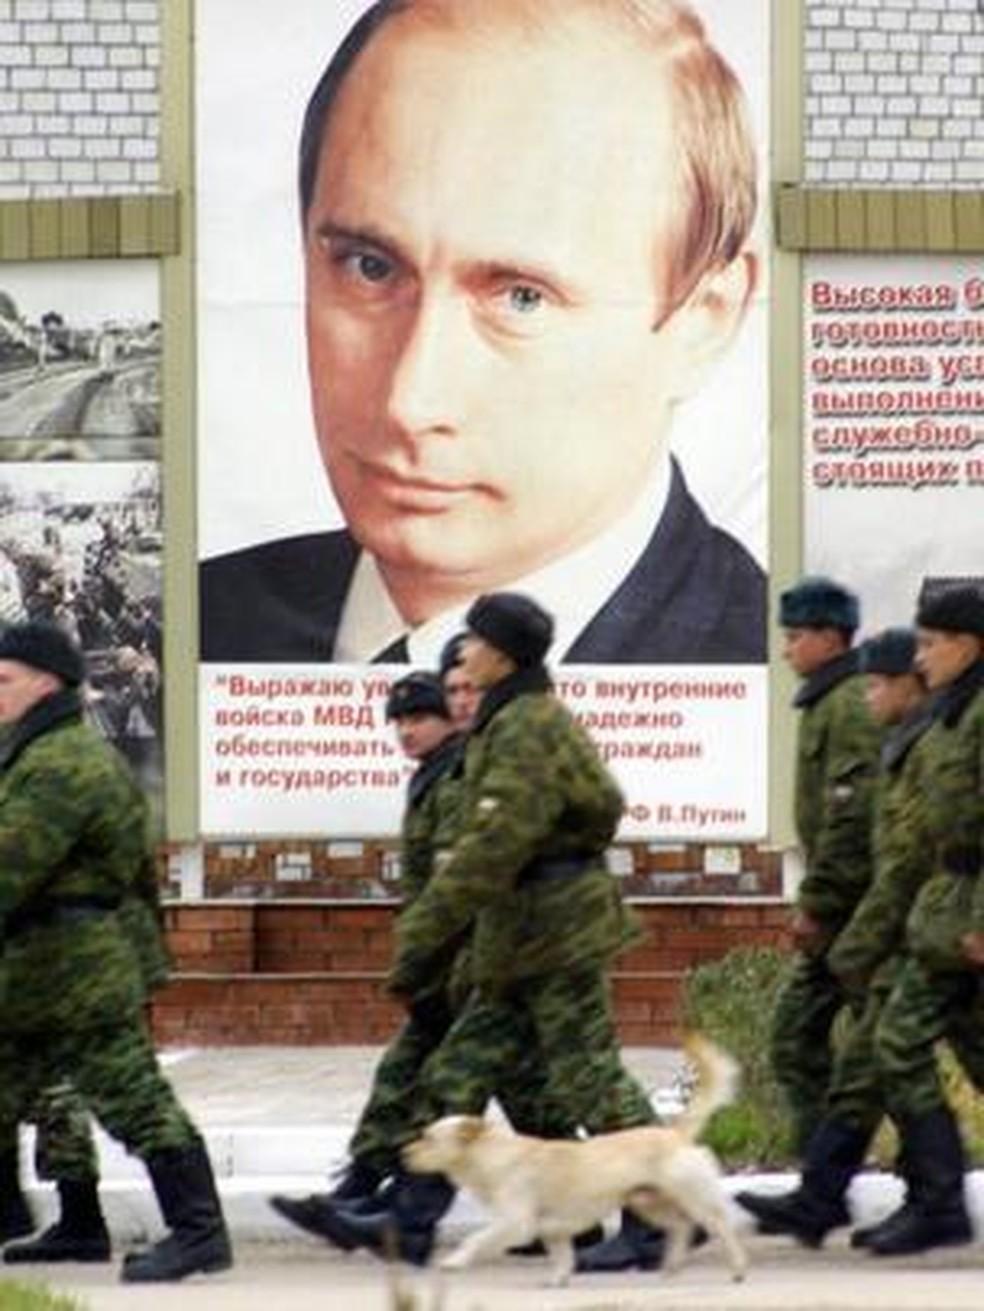 A visibilidade de Putin se estende por toda a Federação Russa - como pode ser visto aqui em uma base do exército russo em Grozny, Chechênia — Foto: Getty Images via BBC